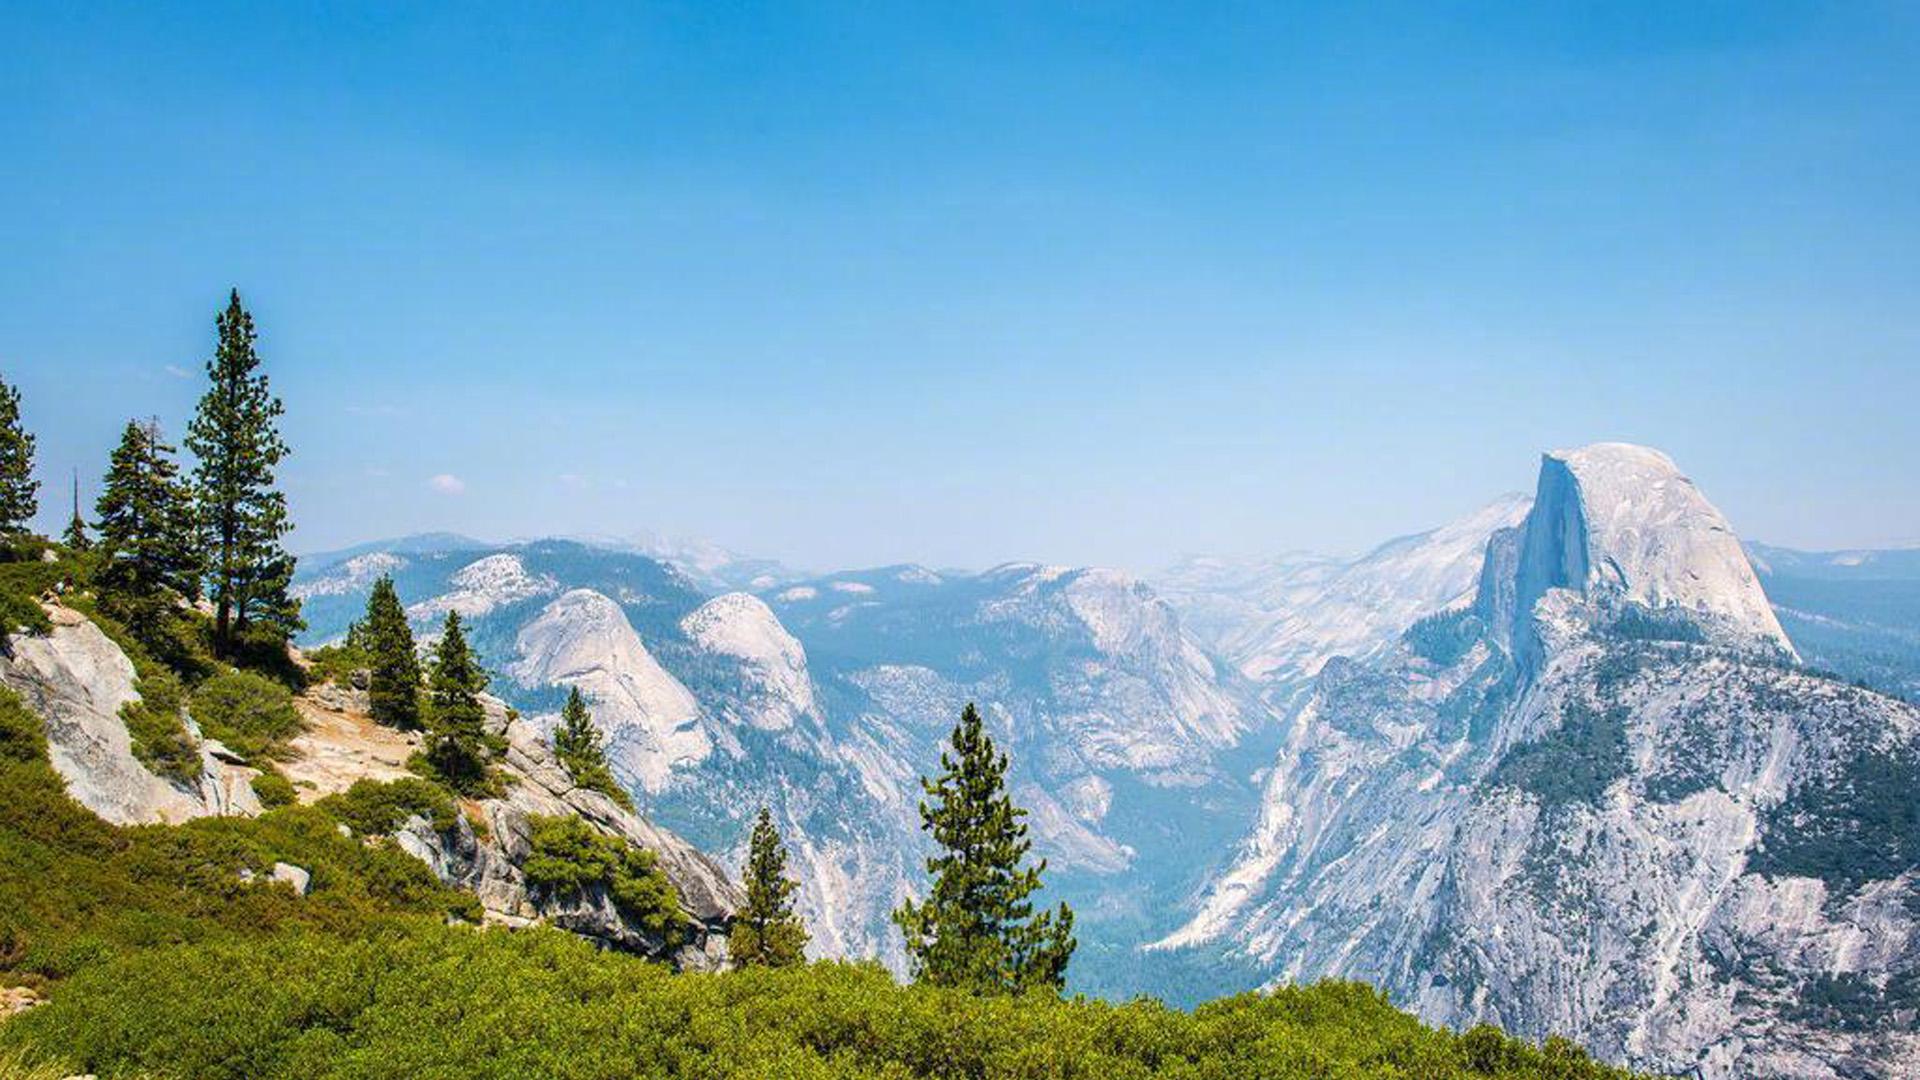 最高的山峰风景图片电脑桌面壁纸全屏